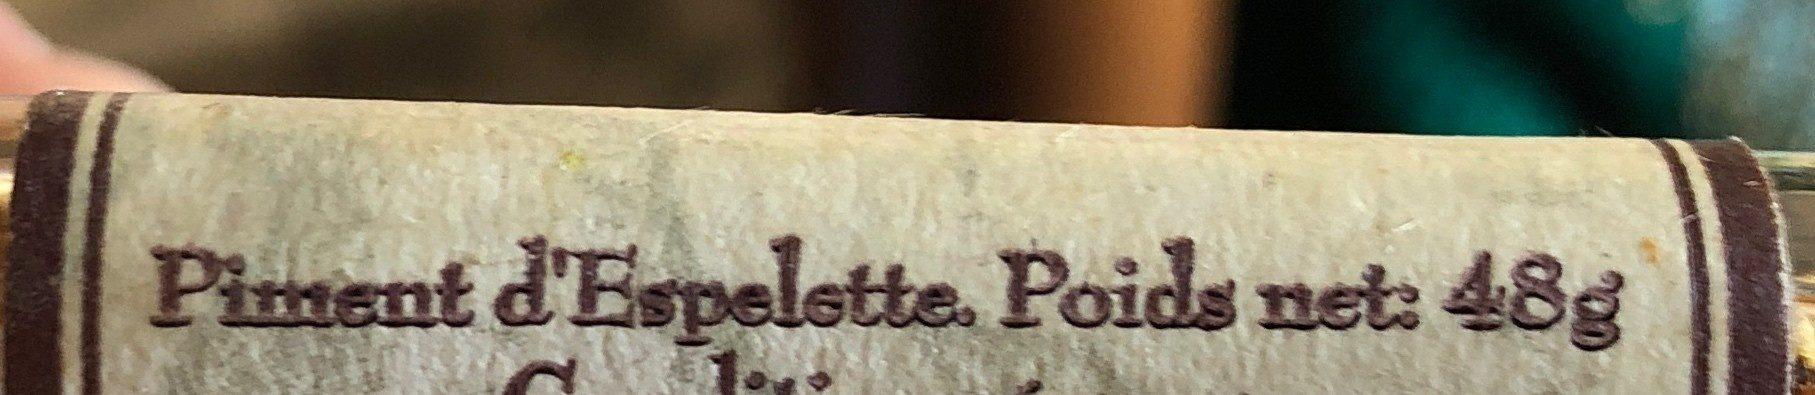 Piment d'Espelette AOC ERIC BUR - Ingrediënten - fr